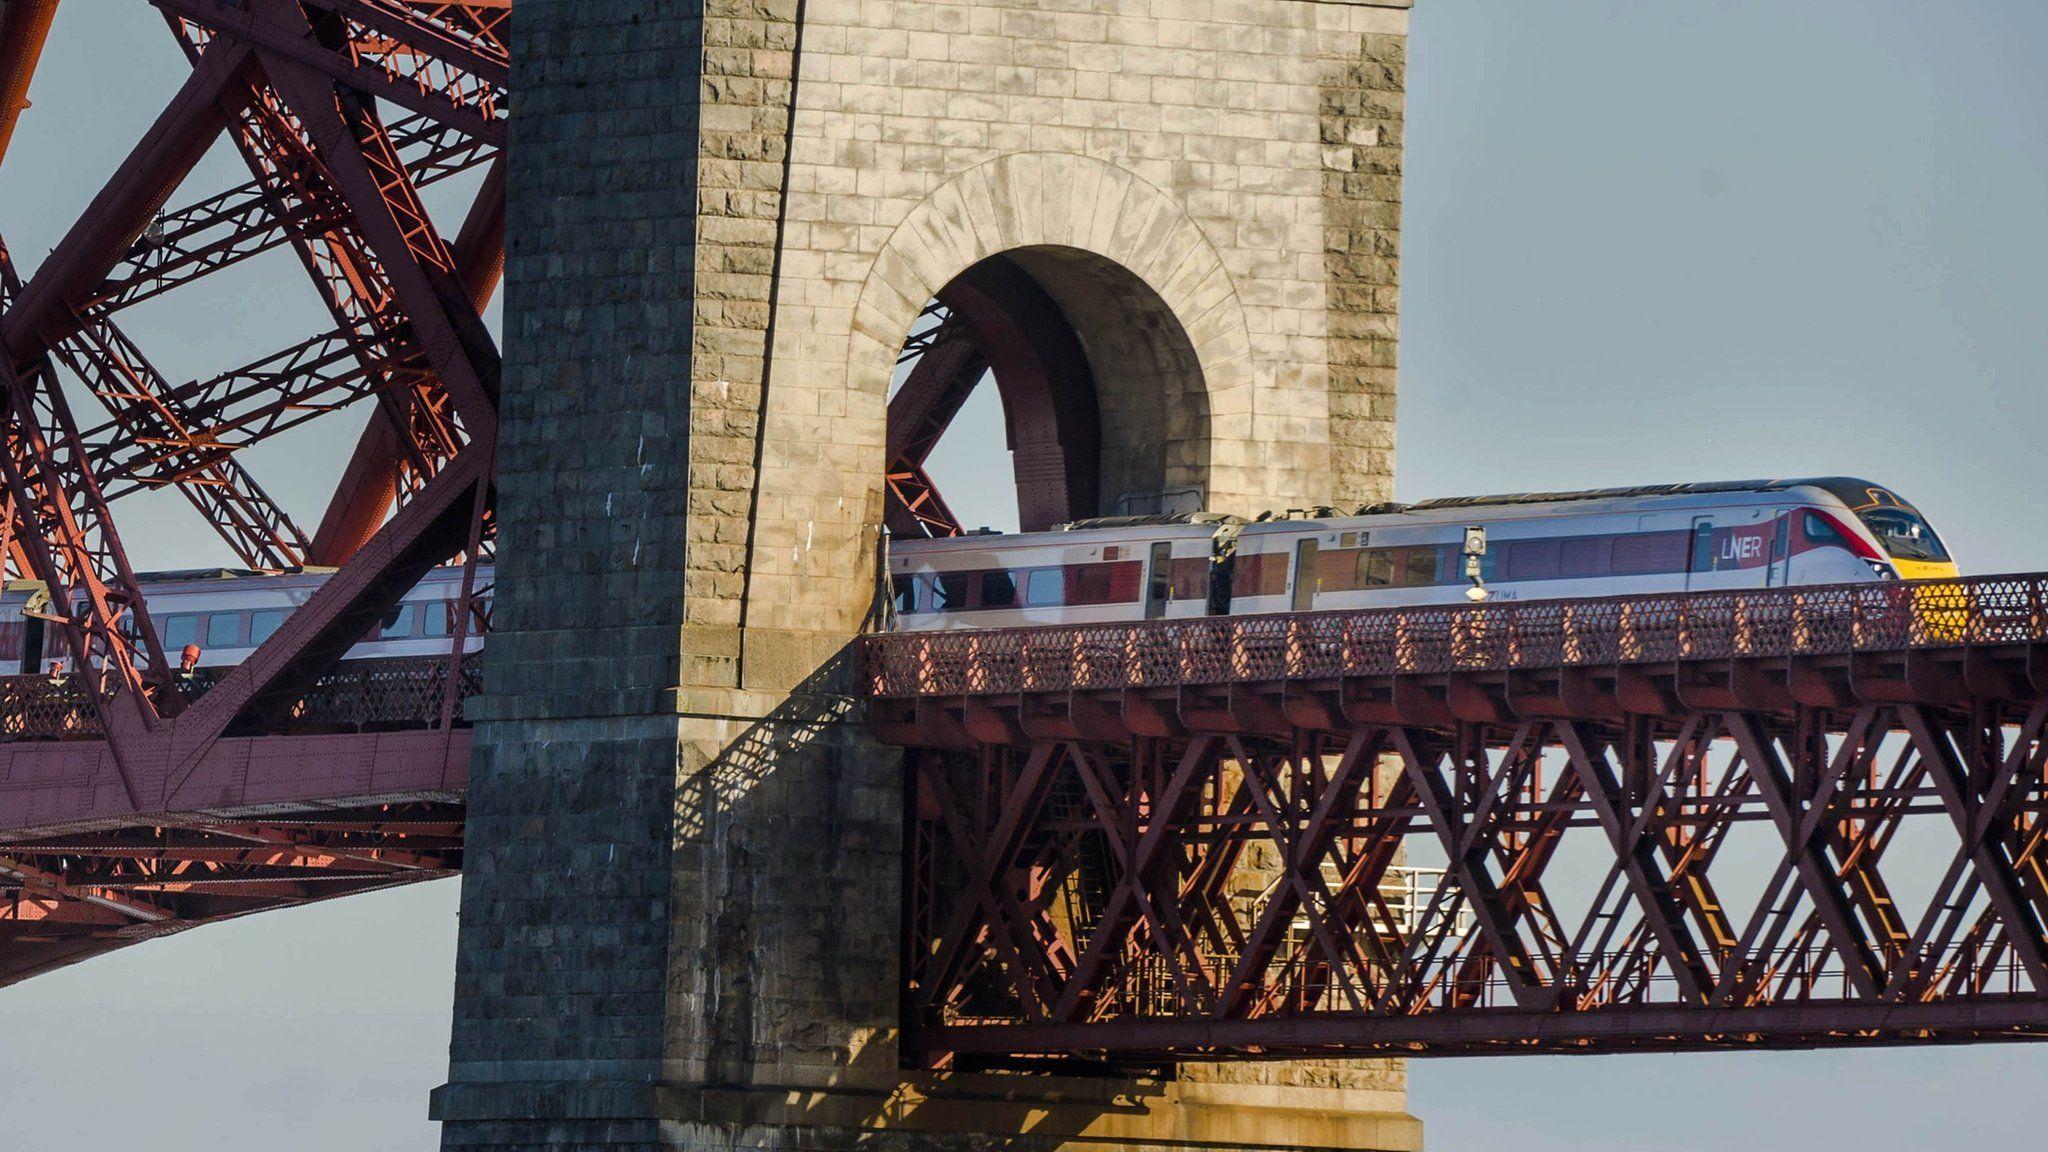 Hitachi Class 800 train crosses the Forth Bridge in Edinburgh